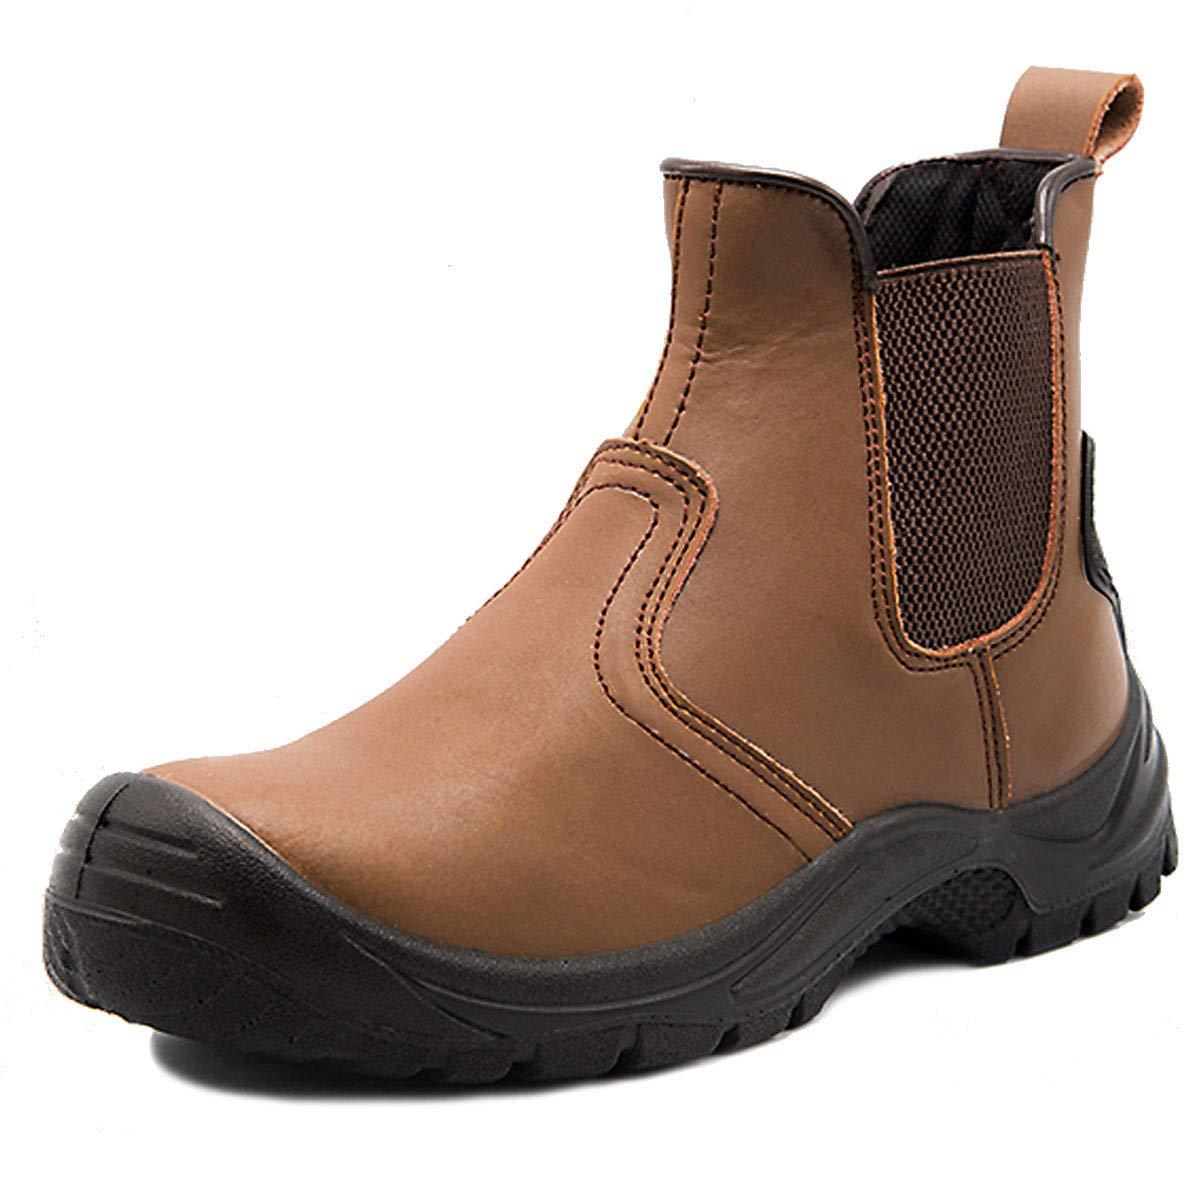 CHNHIRA Chaussure de securité Homme securite Femmes Travail Bottes de Protection